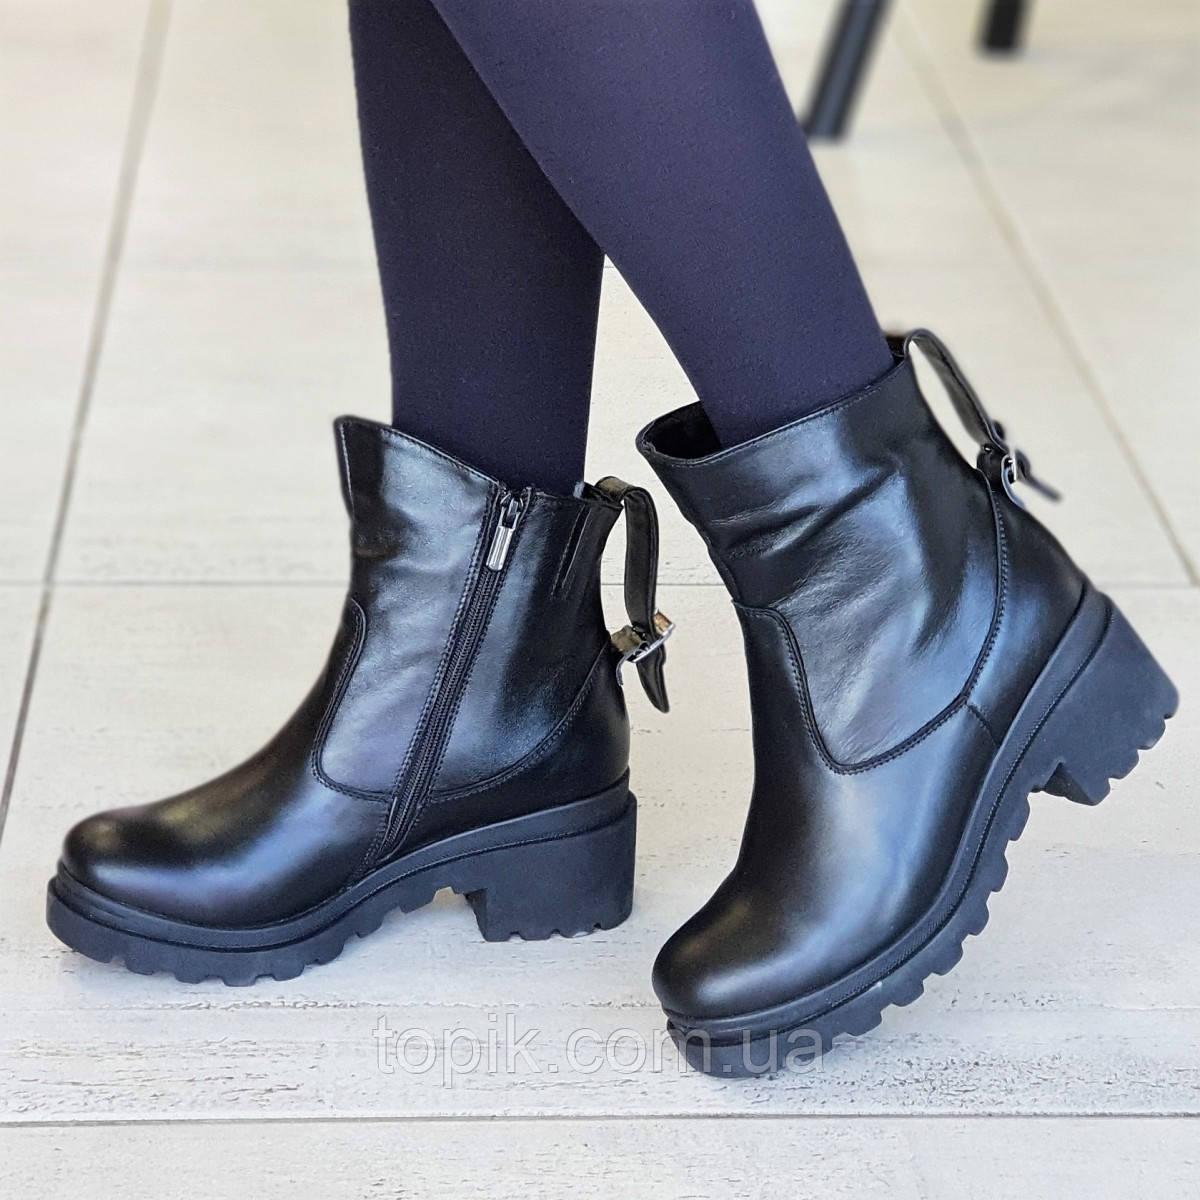 725e76c9 Женские зимние ботинки кожаные черные удобная колодка мягкая и легкая  подошва (Код: 1319а)